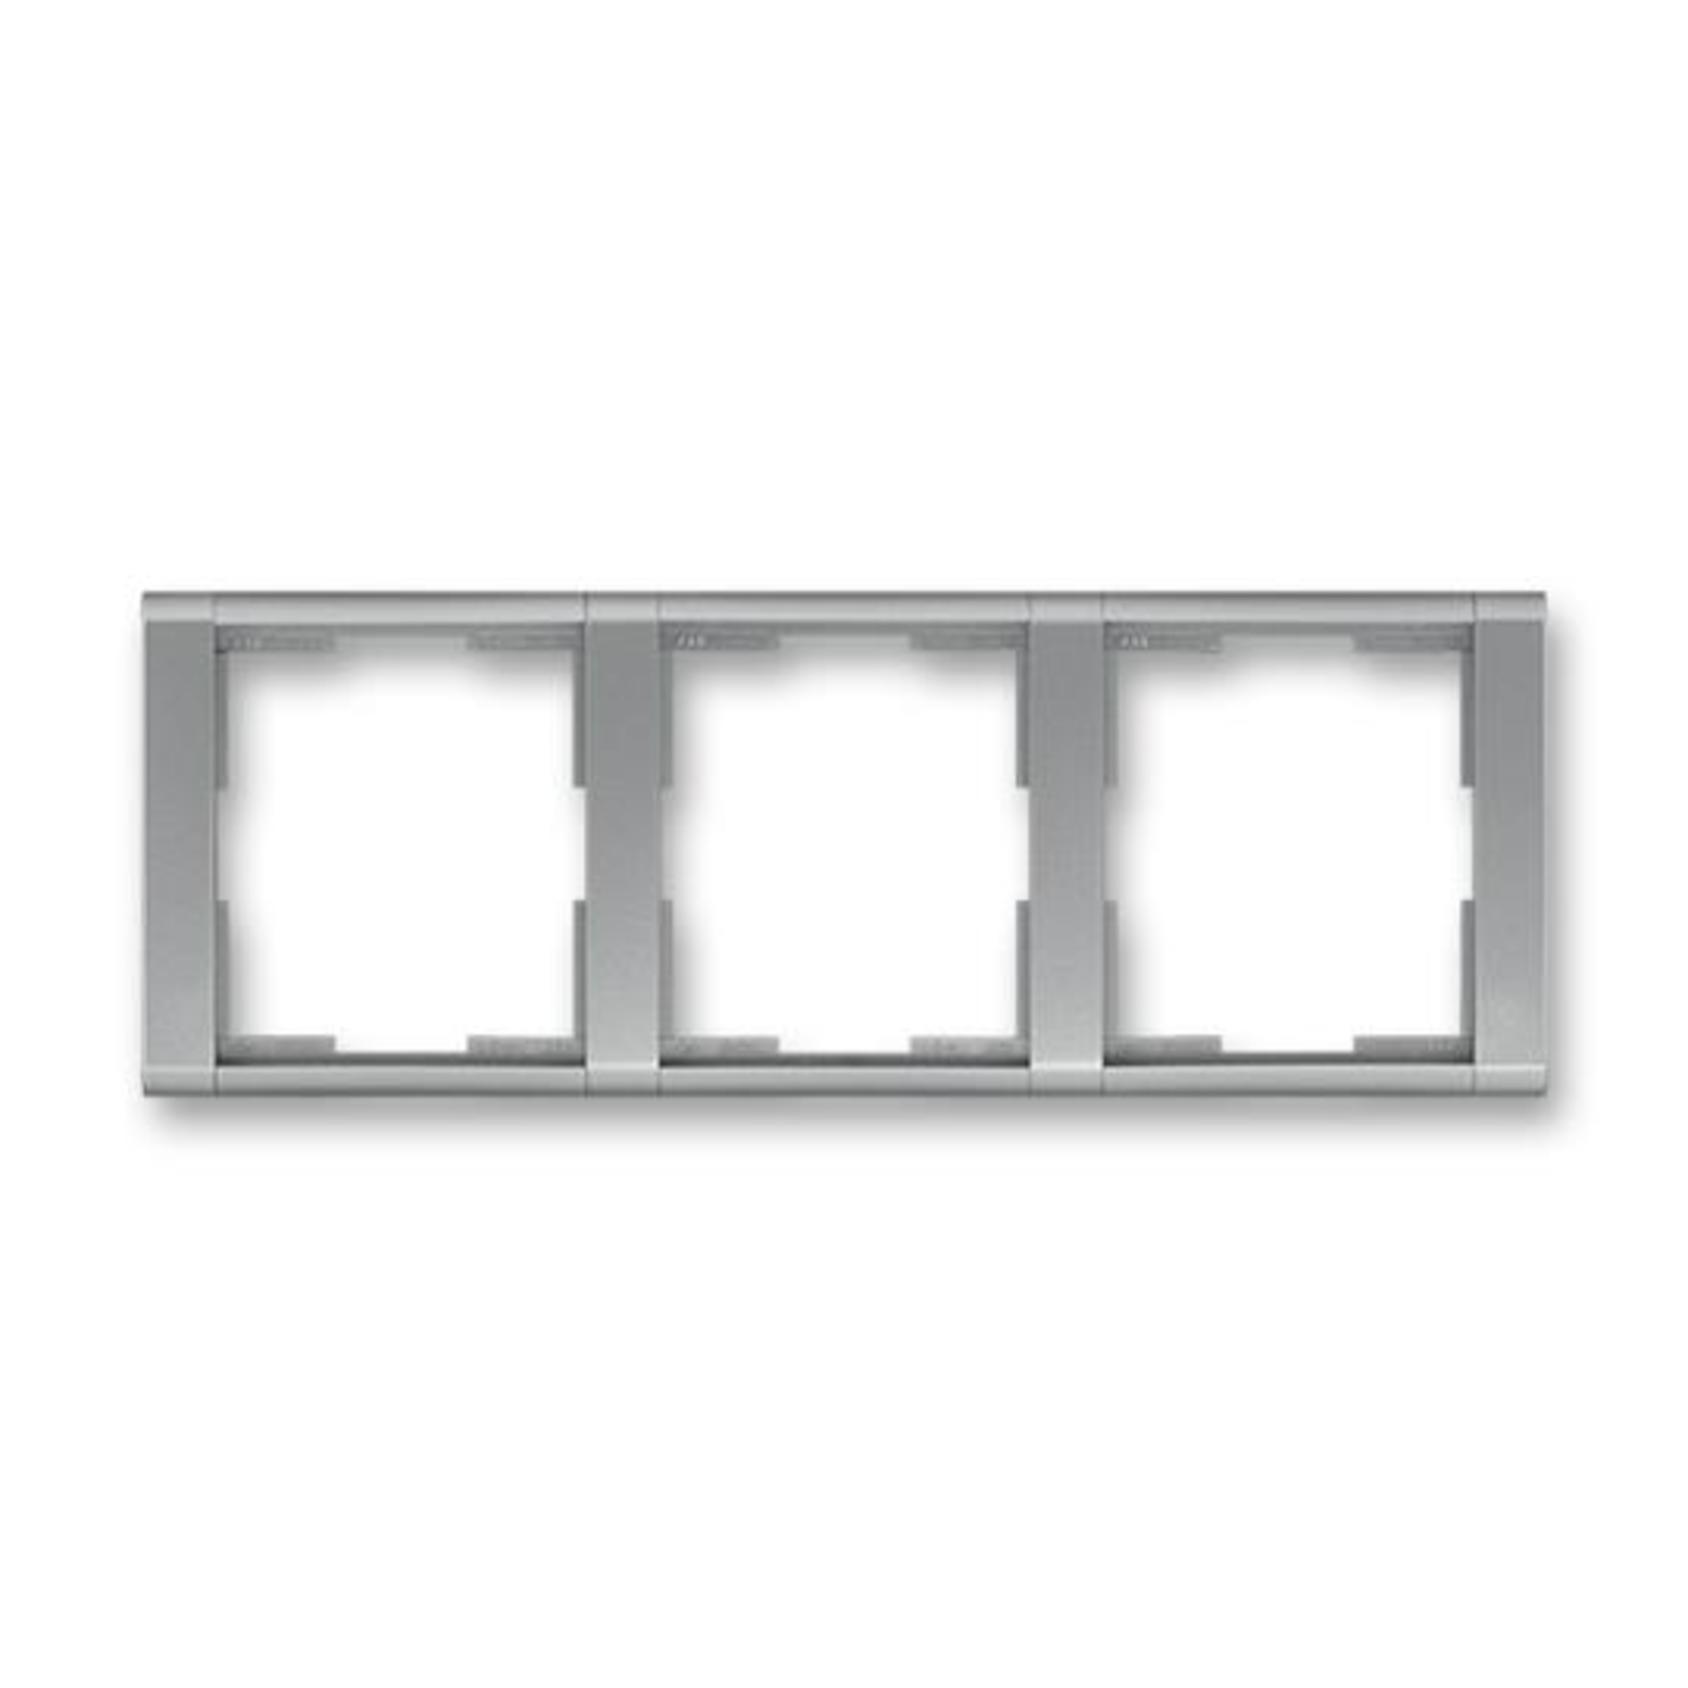 ABB 3901F-A00130 36 Time Rámeček trojnásobný, vodorovný